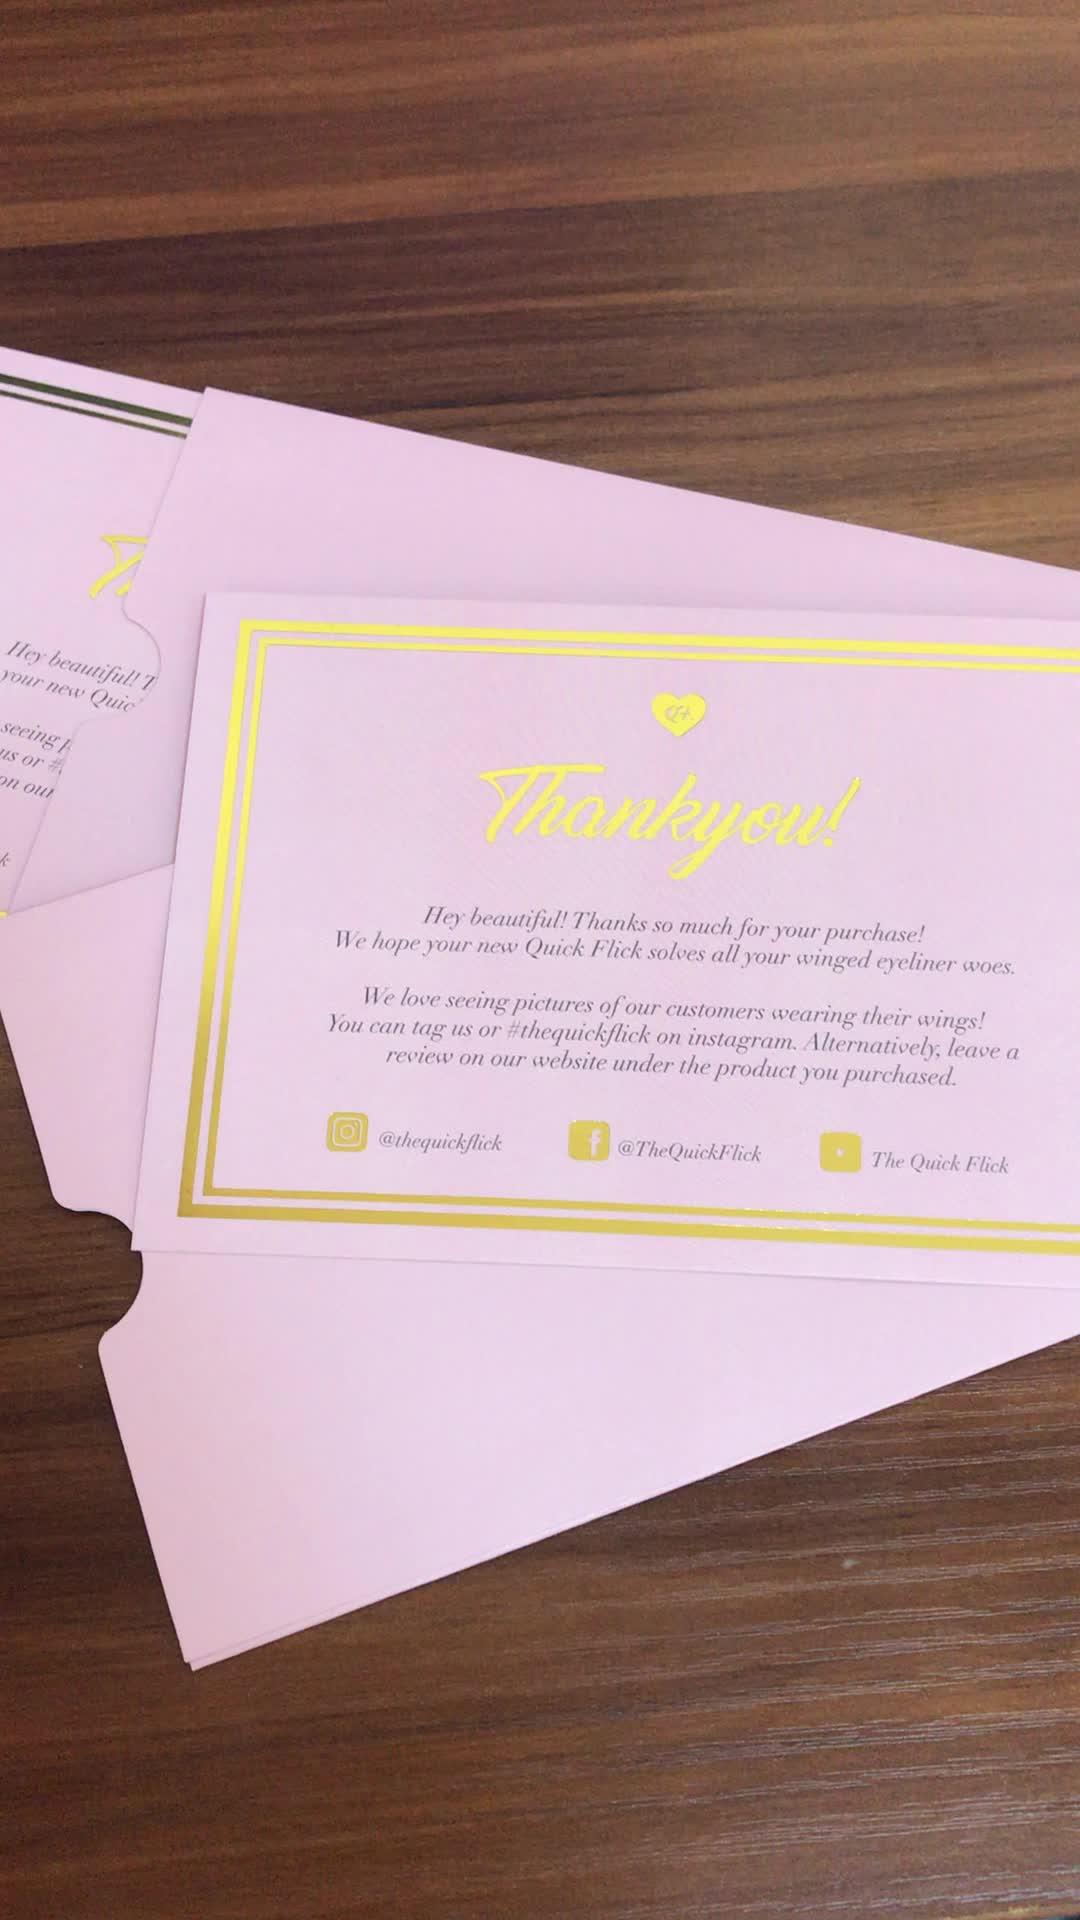 전문 인쇄 럭셔리 골드 호일 뜨거운 스탬프 핑크 컬러 감사합니다 생일 행복 인사말 카드 봉투